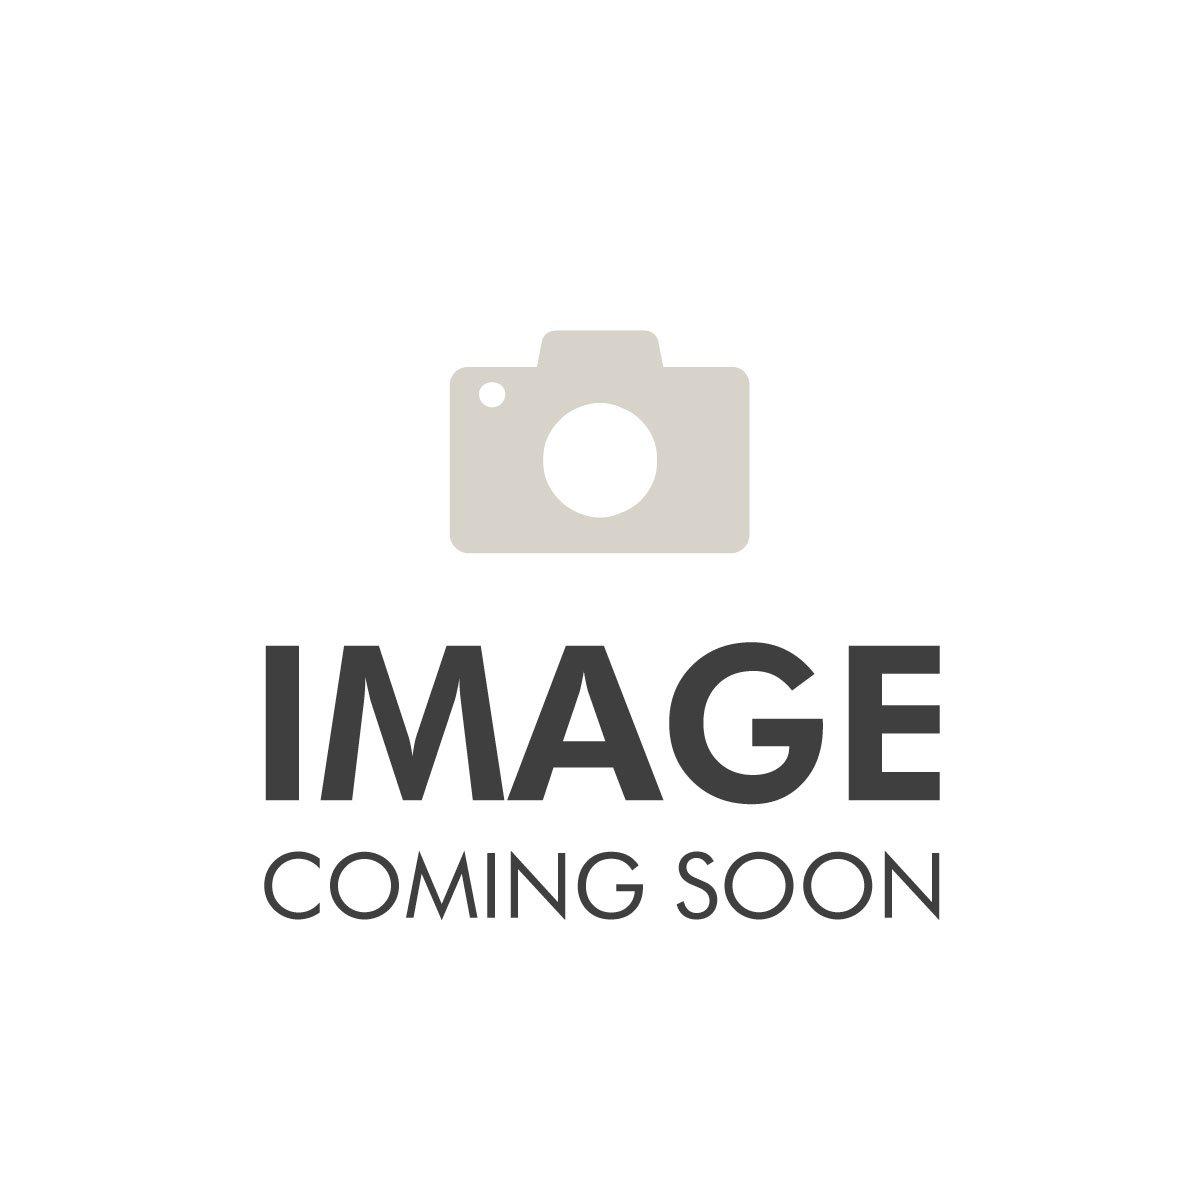 L'Oreal Loreal Nutrifier Shampoo Silicone Free 1500ml